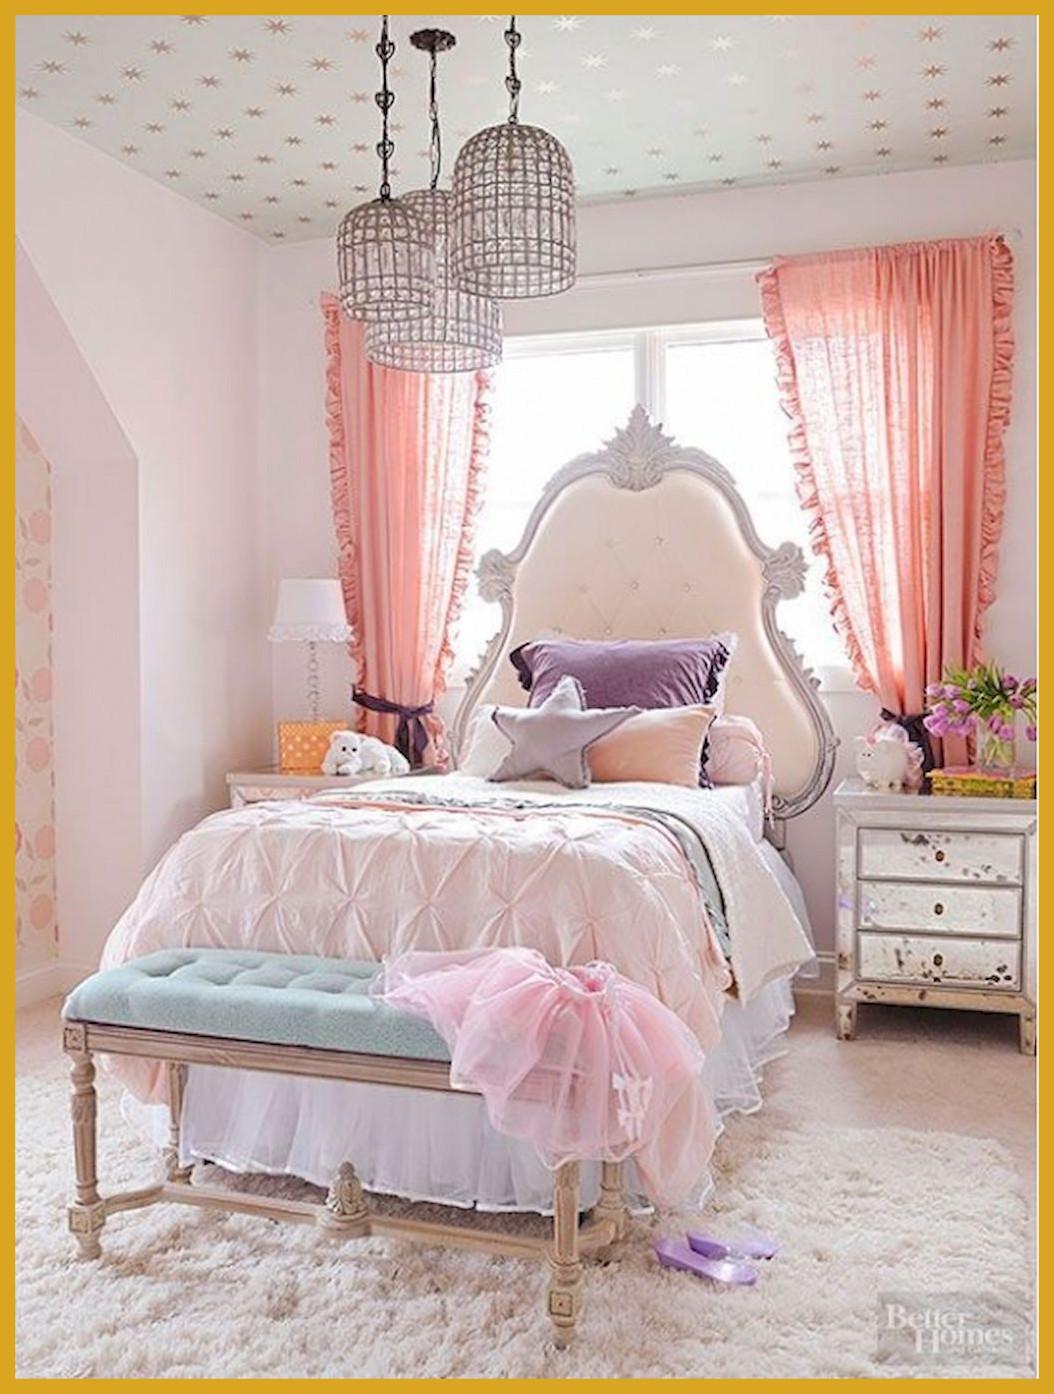 Thiết kế phòng ngủ cho bé gái dễ thương như trong cổ tích làm các bậc phụ huynh phải học tập tức thì - Ảnh 5.